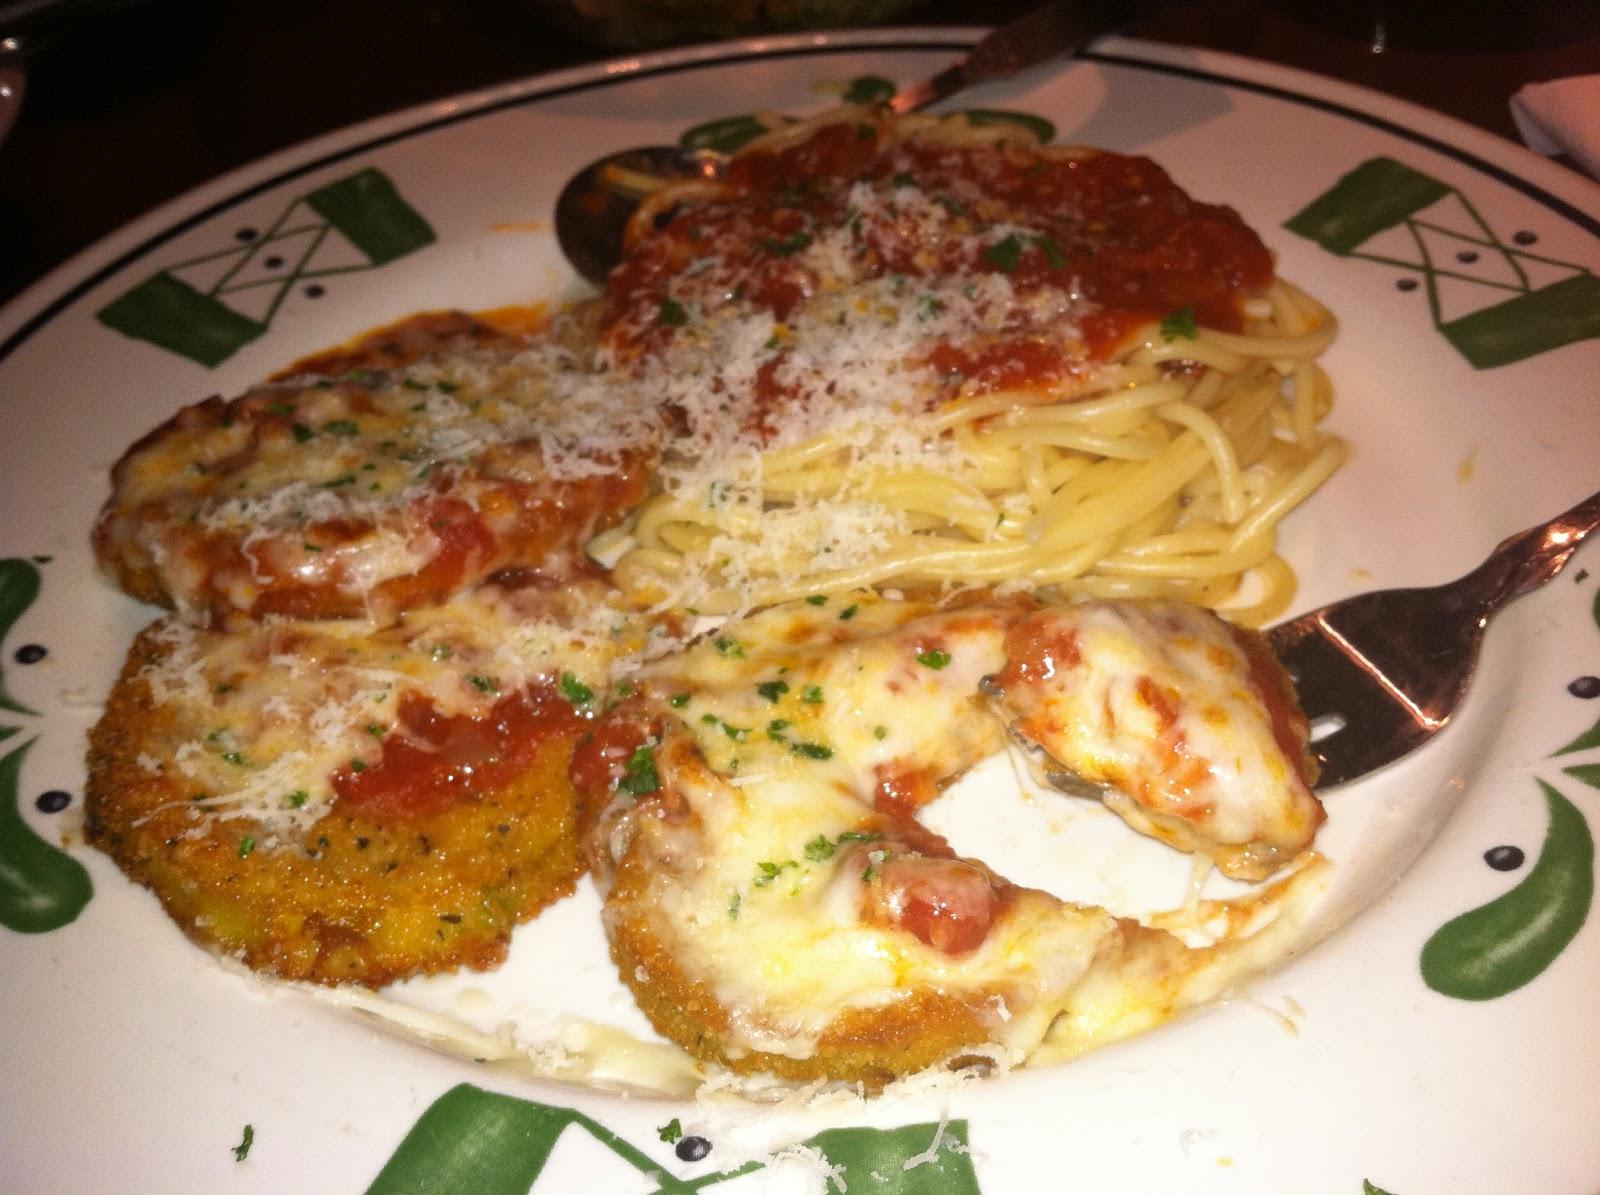 Pizza Olive Garden Menu: Almost Vegetarian: Eating Vegetarian At Italian